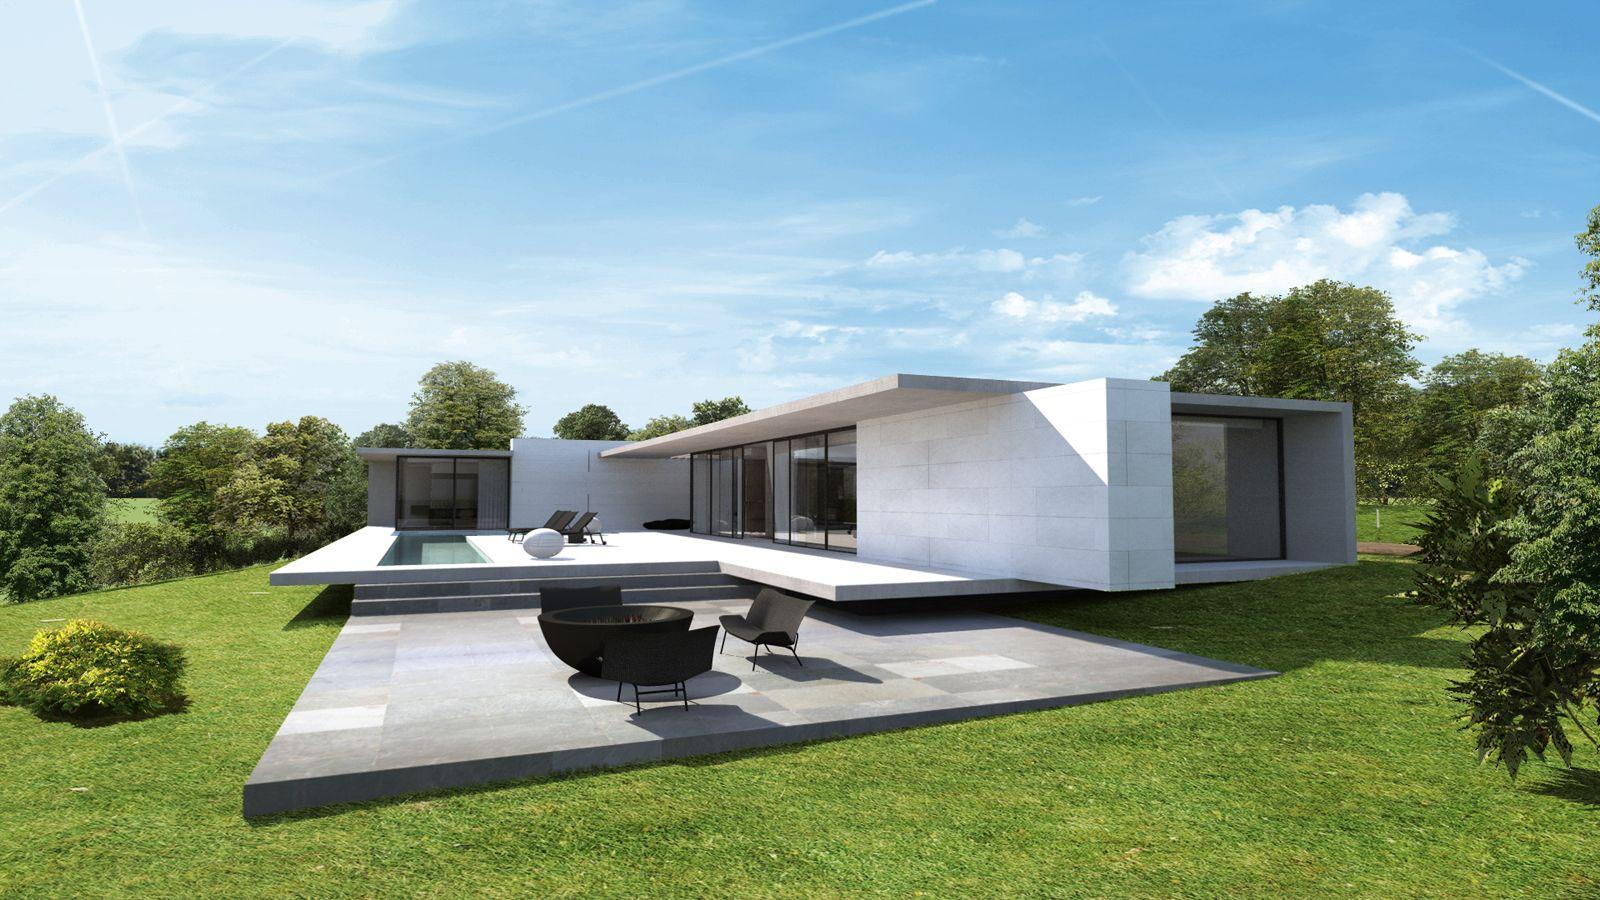 Maison design par Jean-Yves ARRIVETZ & Sébastien BELLE, architecte ...